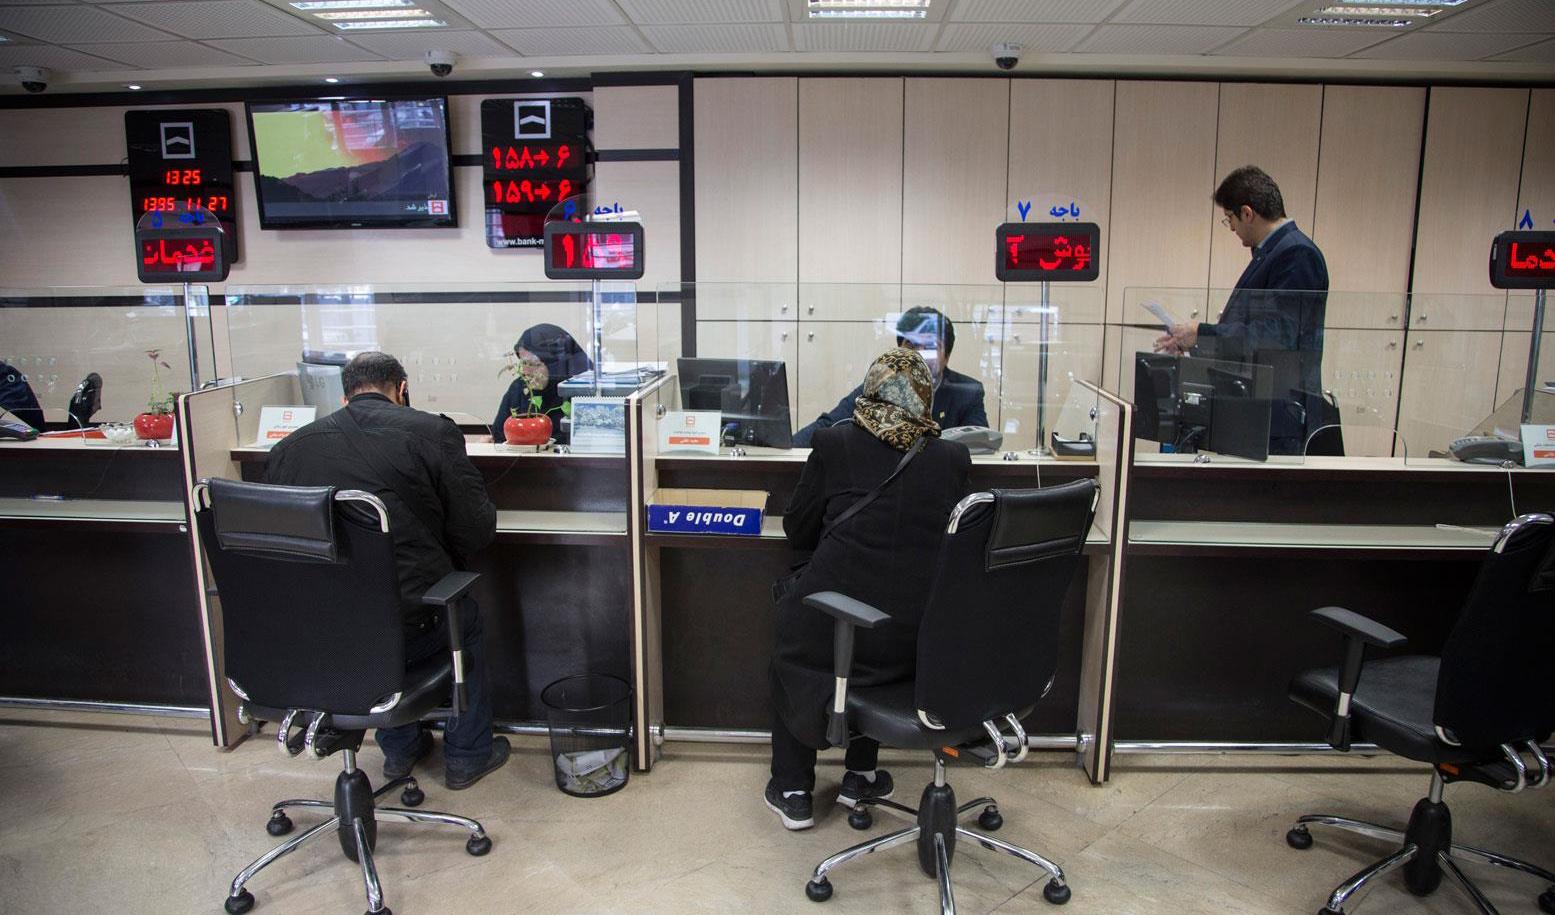 کاهش معوقات بانکی با تشکیل کمیته صلح در بانکها